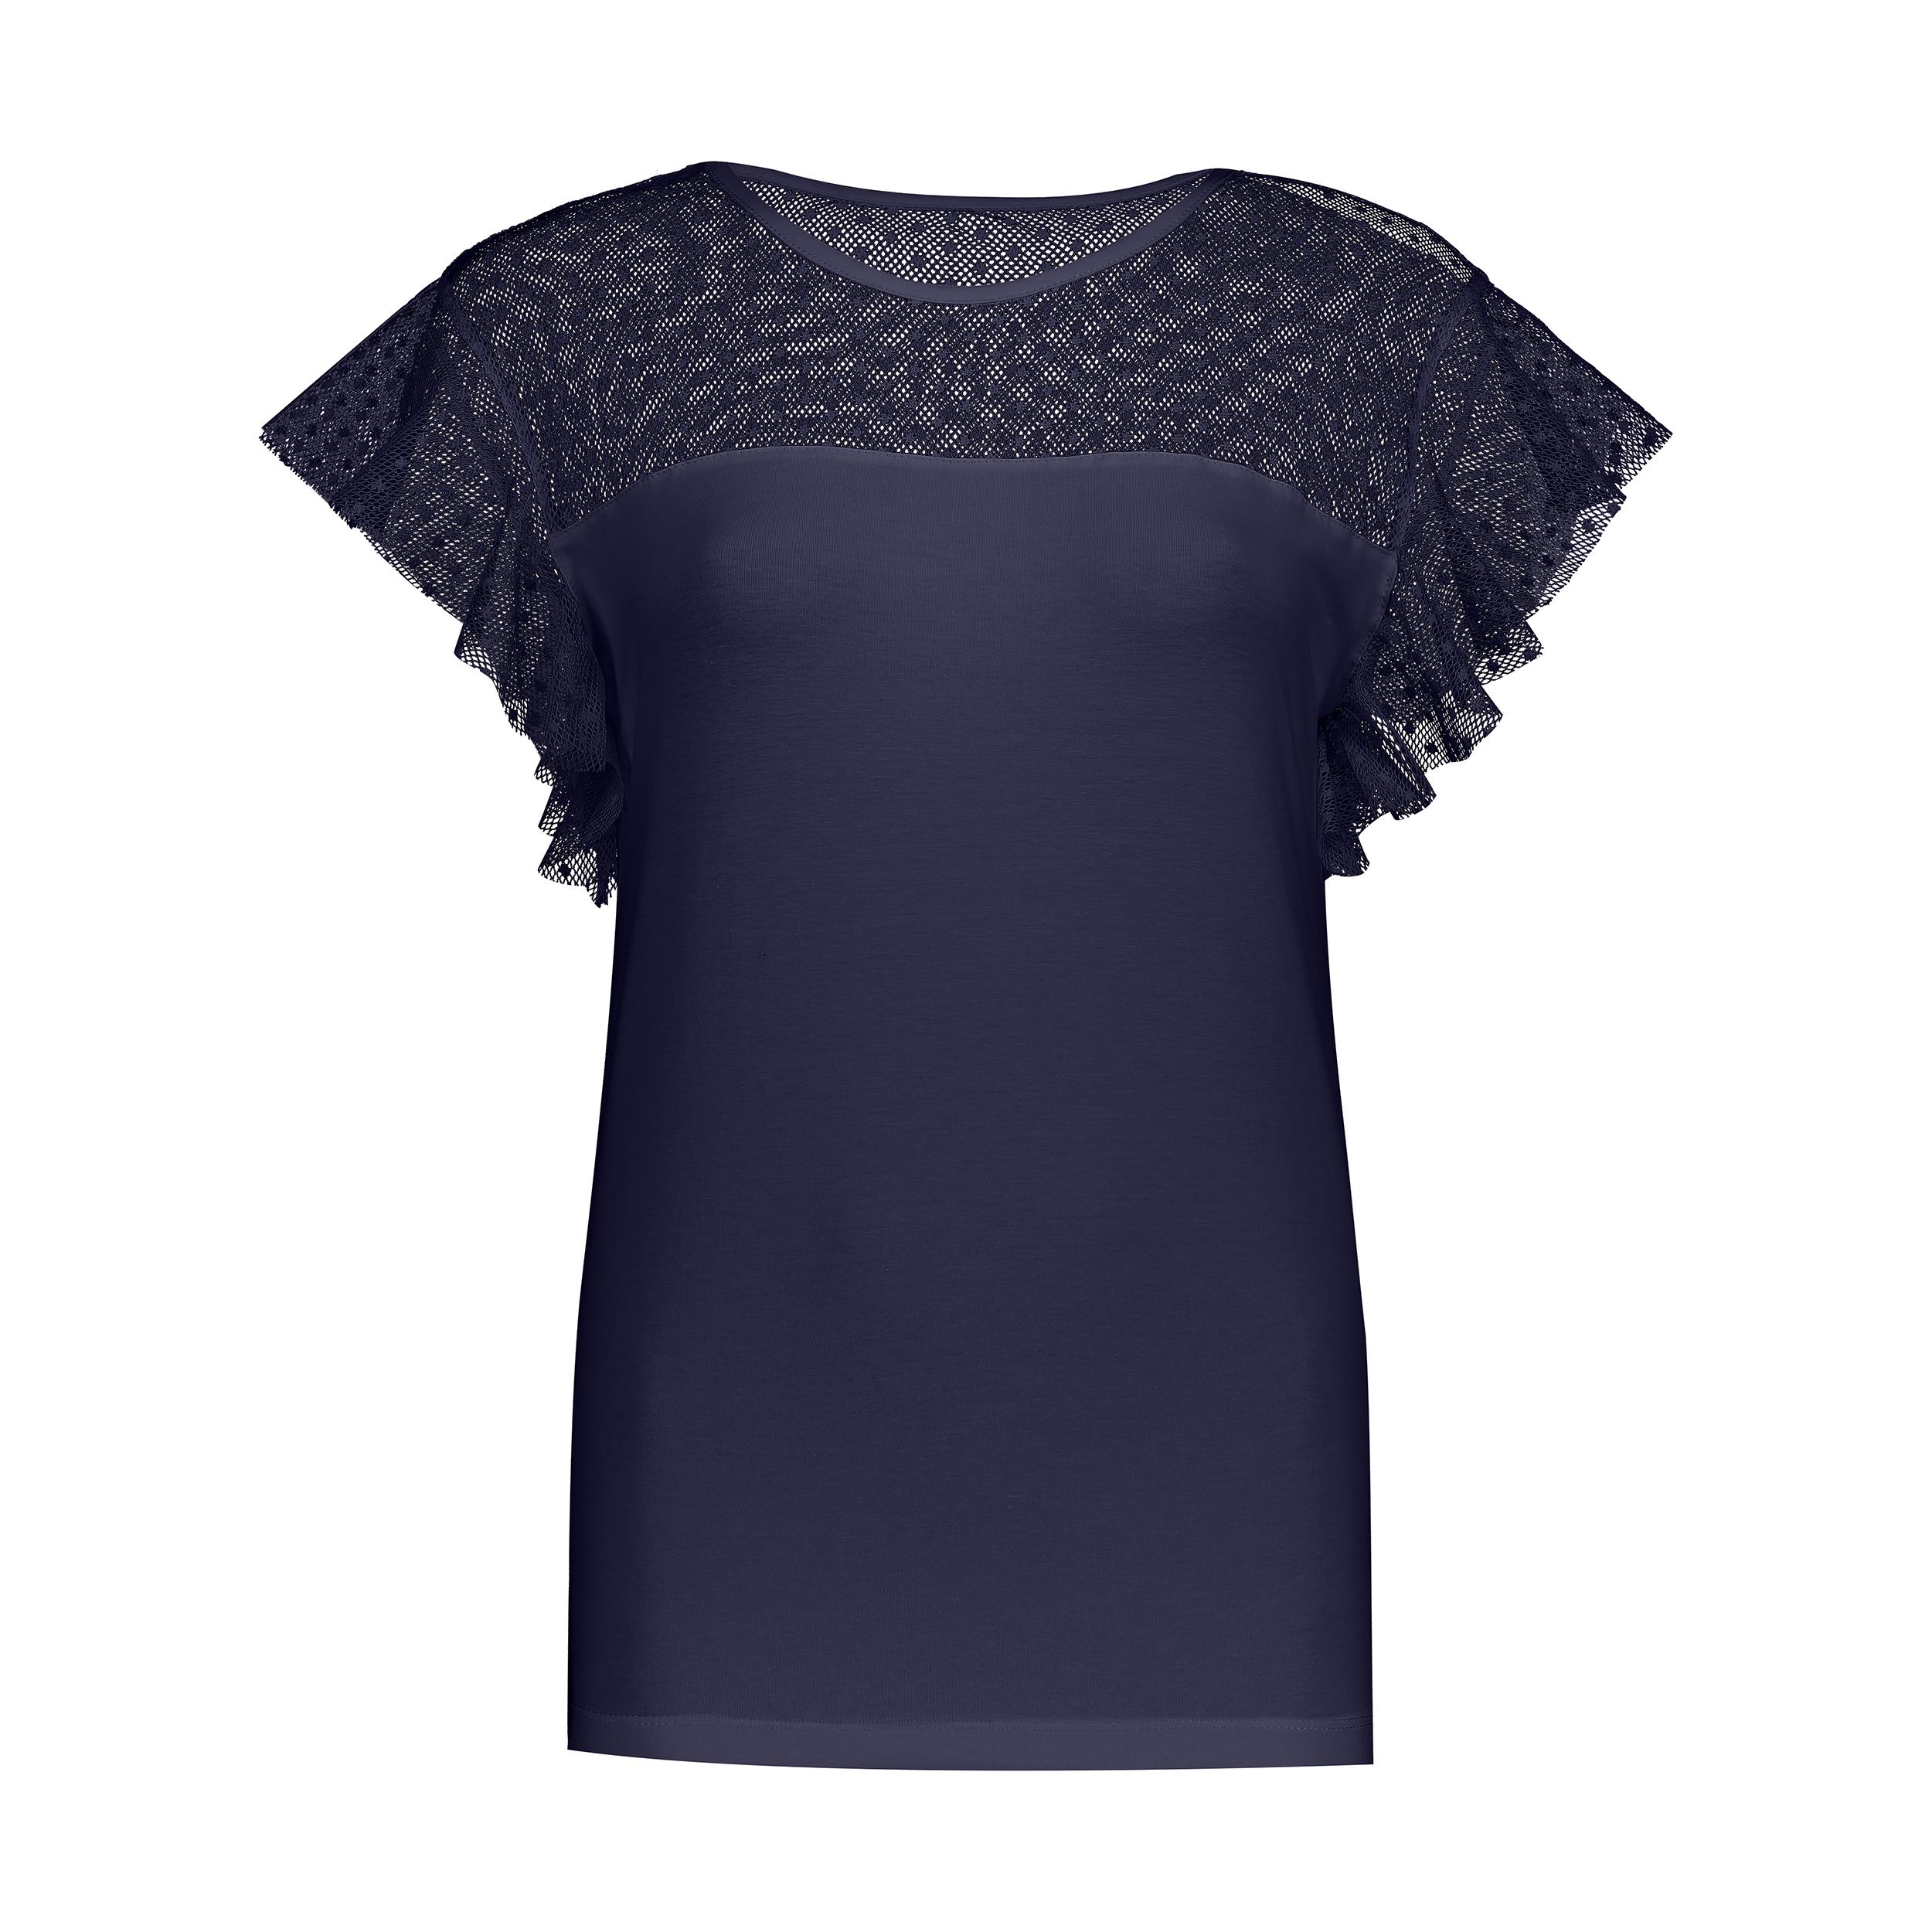 تی شرت زنانه جامه پوش آرا مدل 4012019268-59